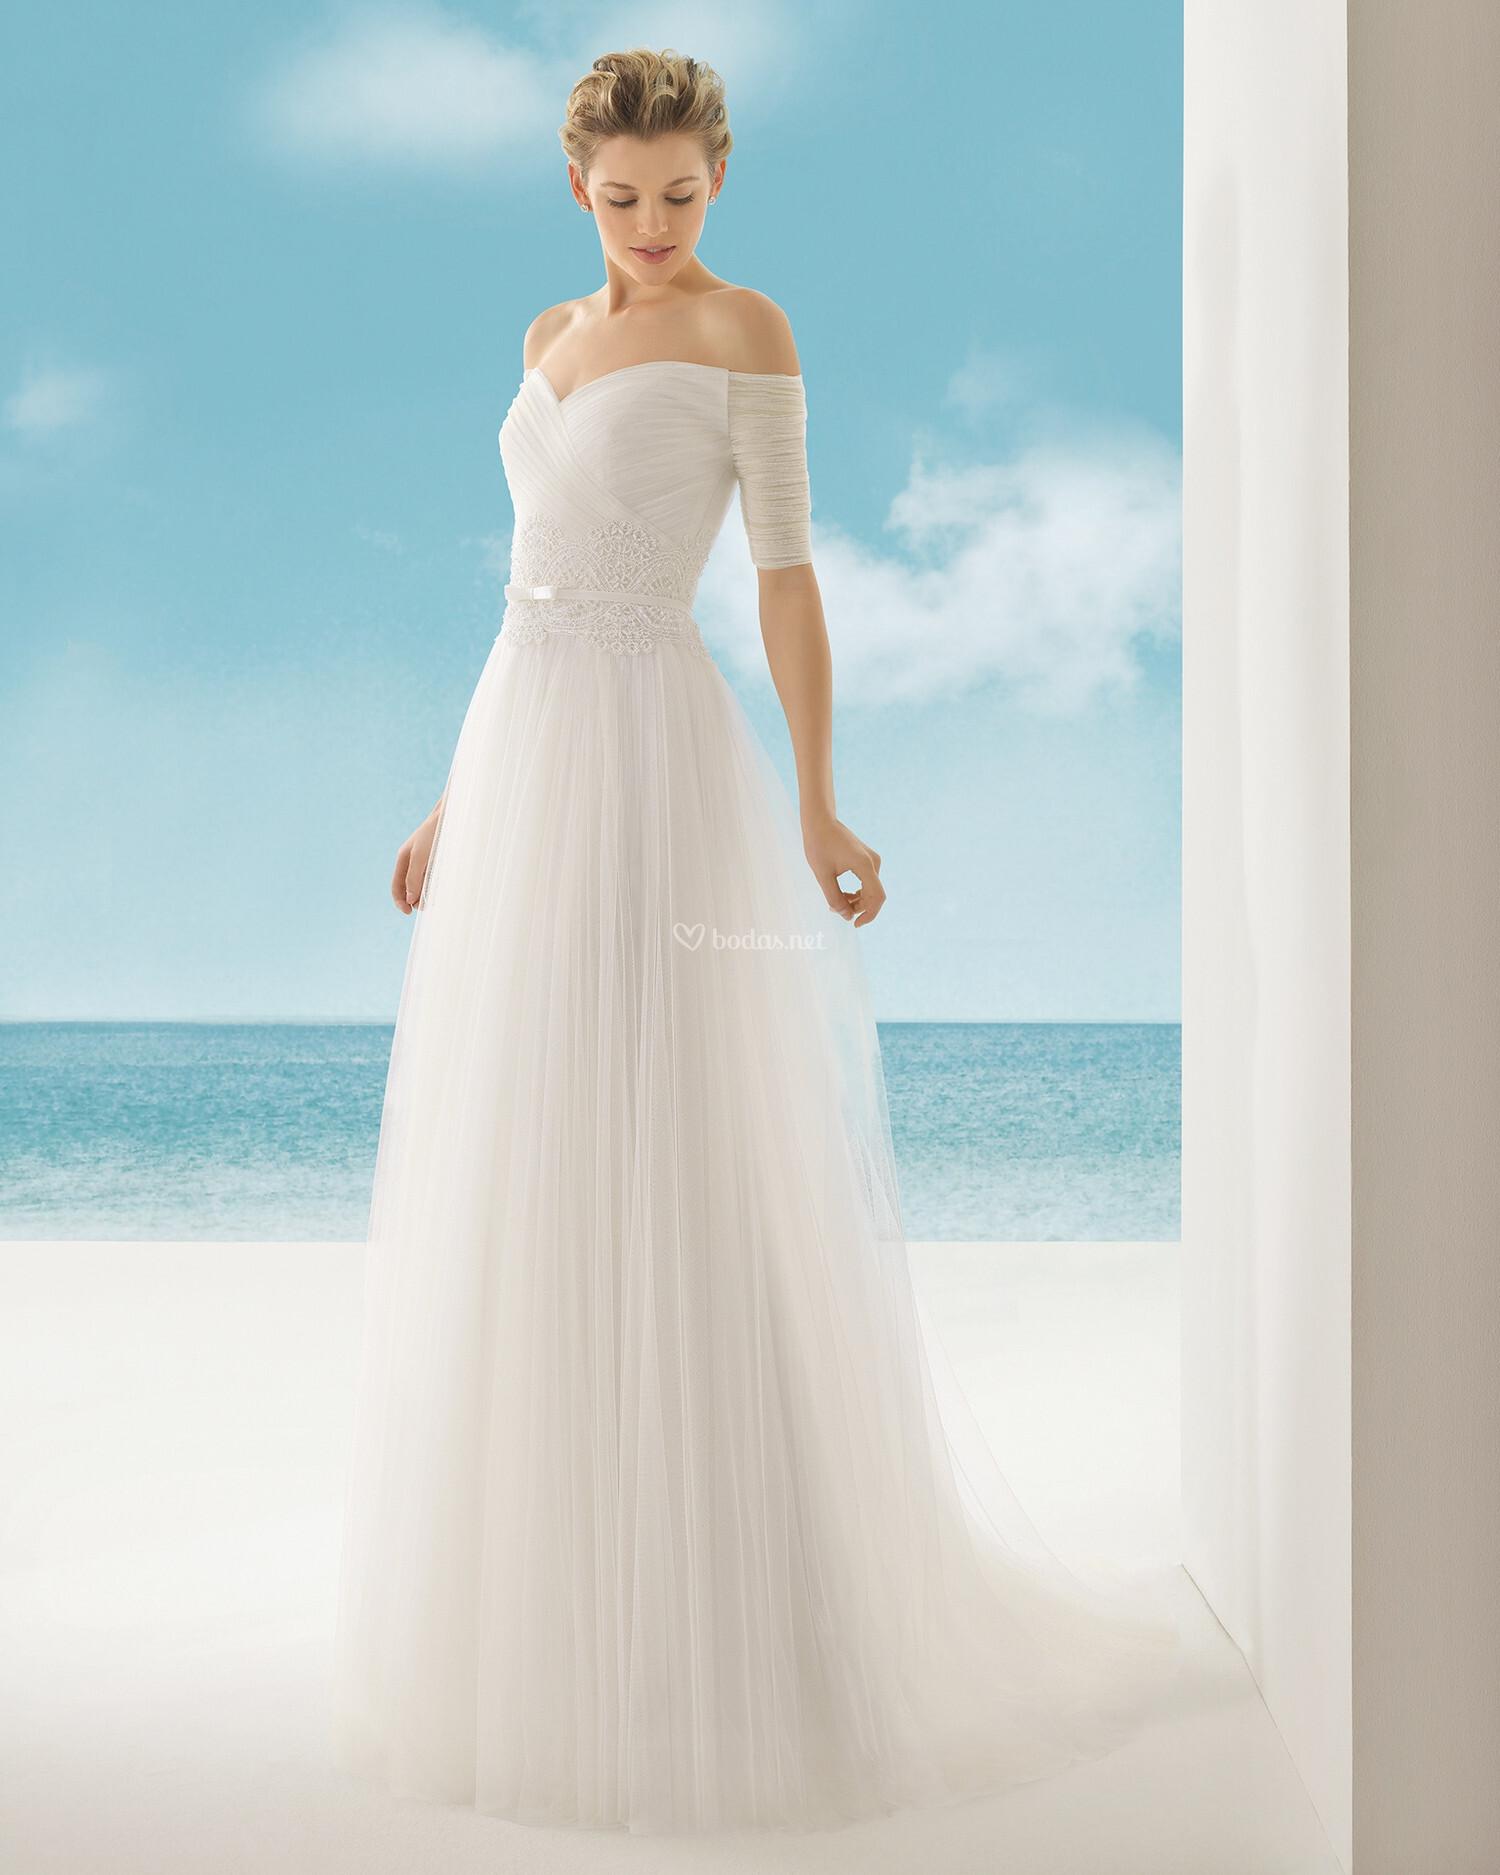 Attractive Divinity Vestidos De Novia Ideas - All Wedding Dresses ...